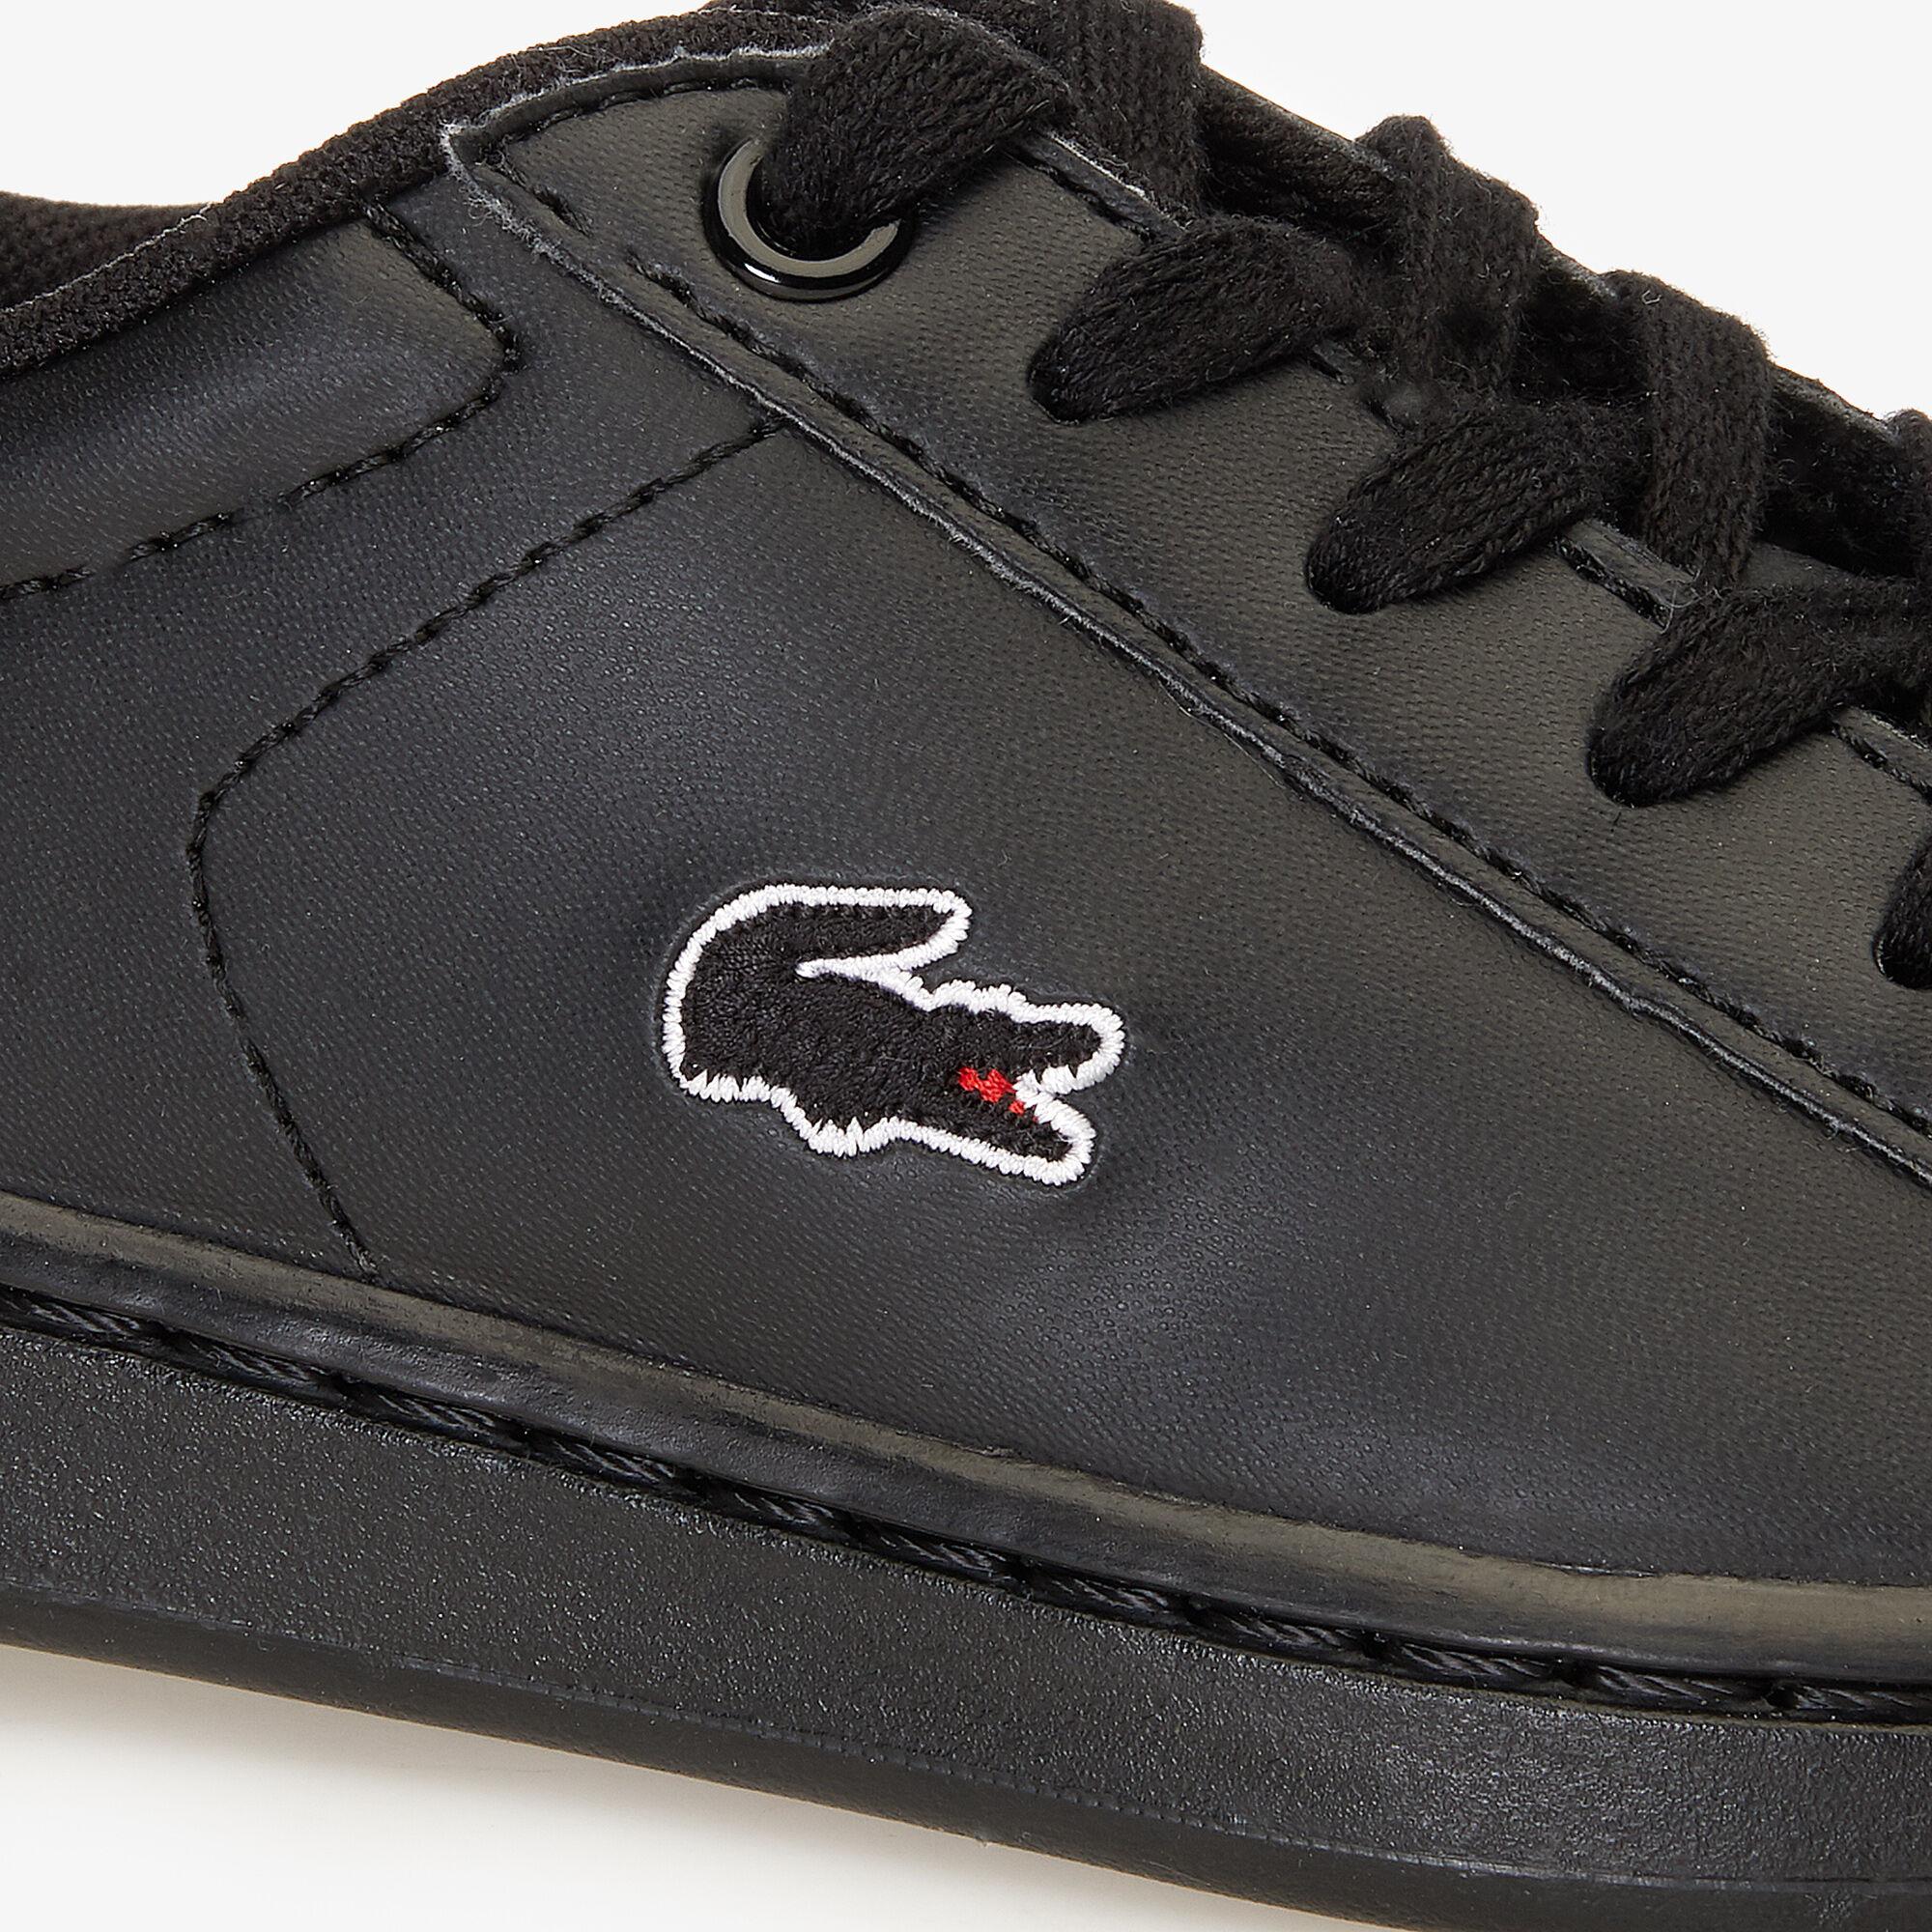 حذاء رياضي بأربطة من مواد صناعية وبطانة شبكية مجموعة Carnaby Evo للأطفال